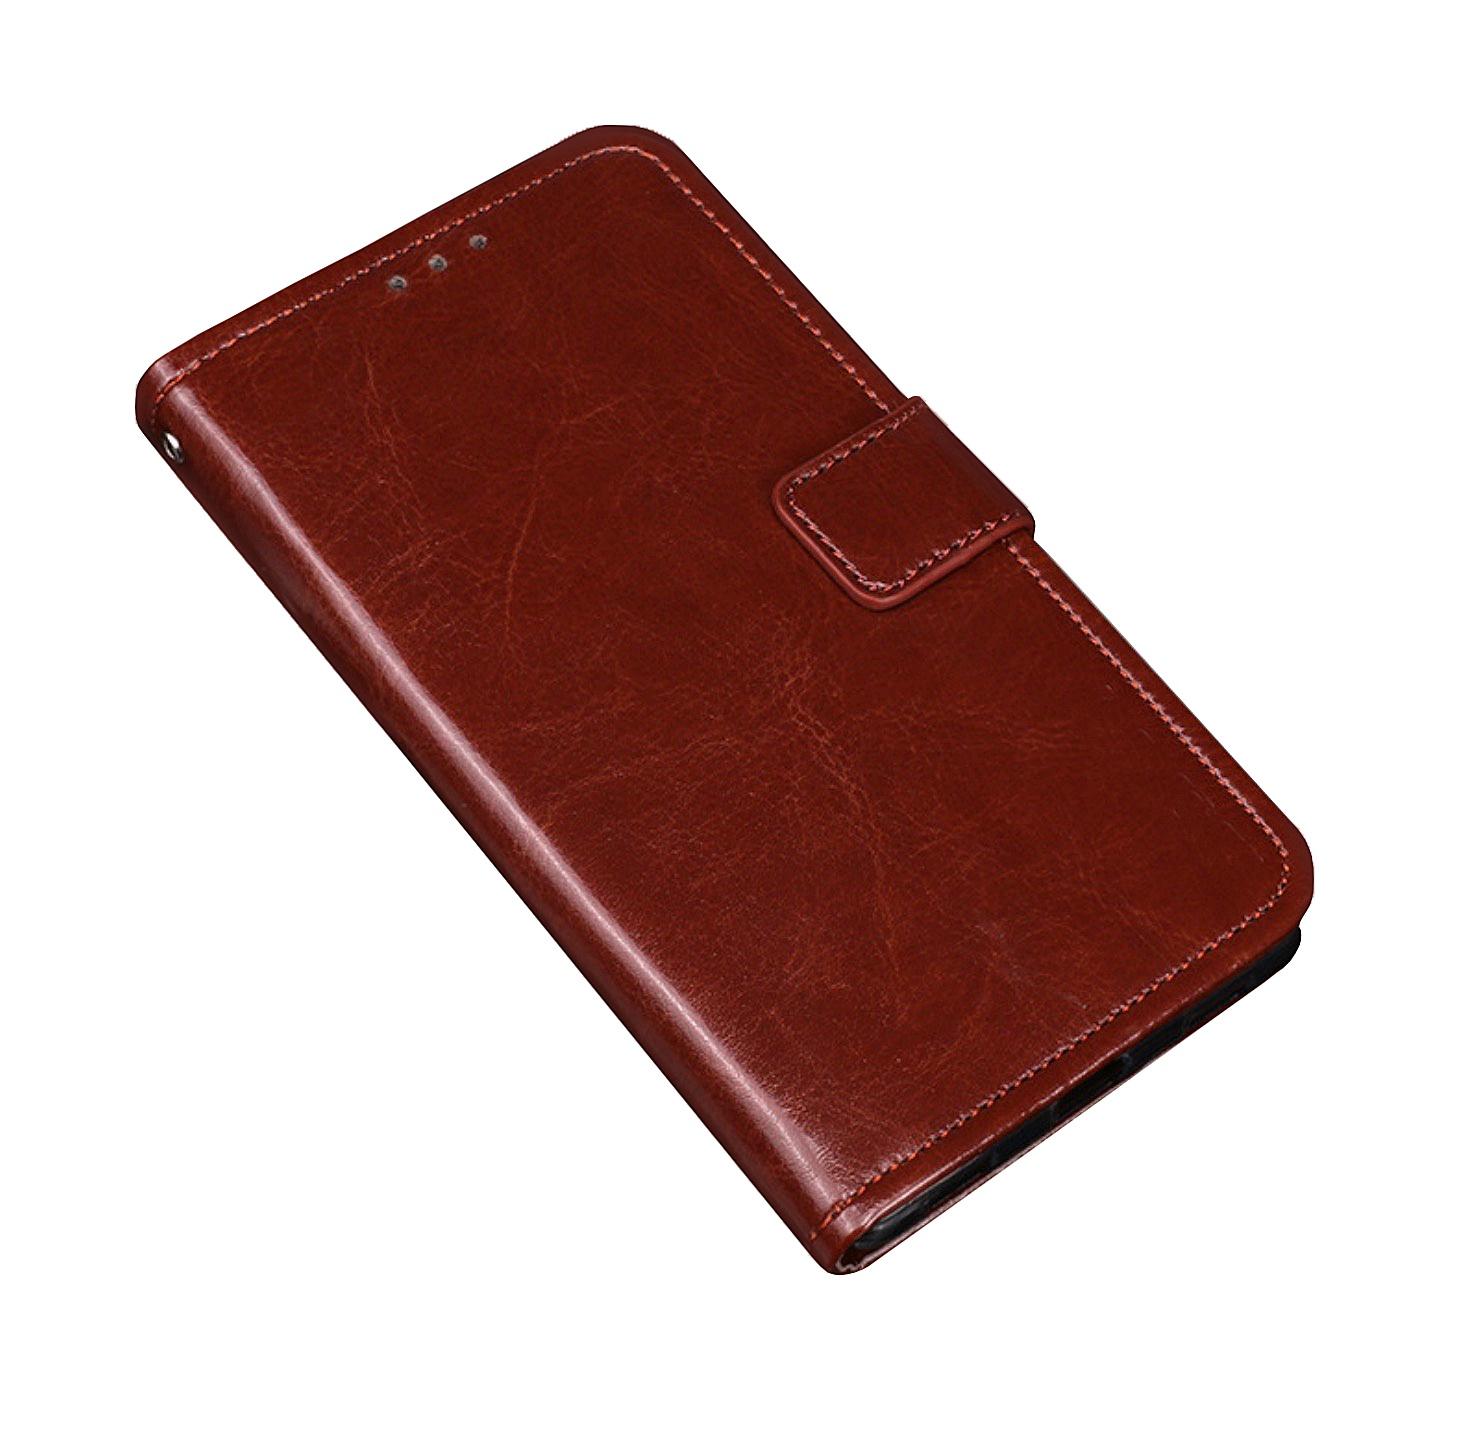 Чехол MyPads для Samsung Galaxy Alpha SM-G850F с мульти-подставкой застёжкой и визитницей коричневый